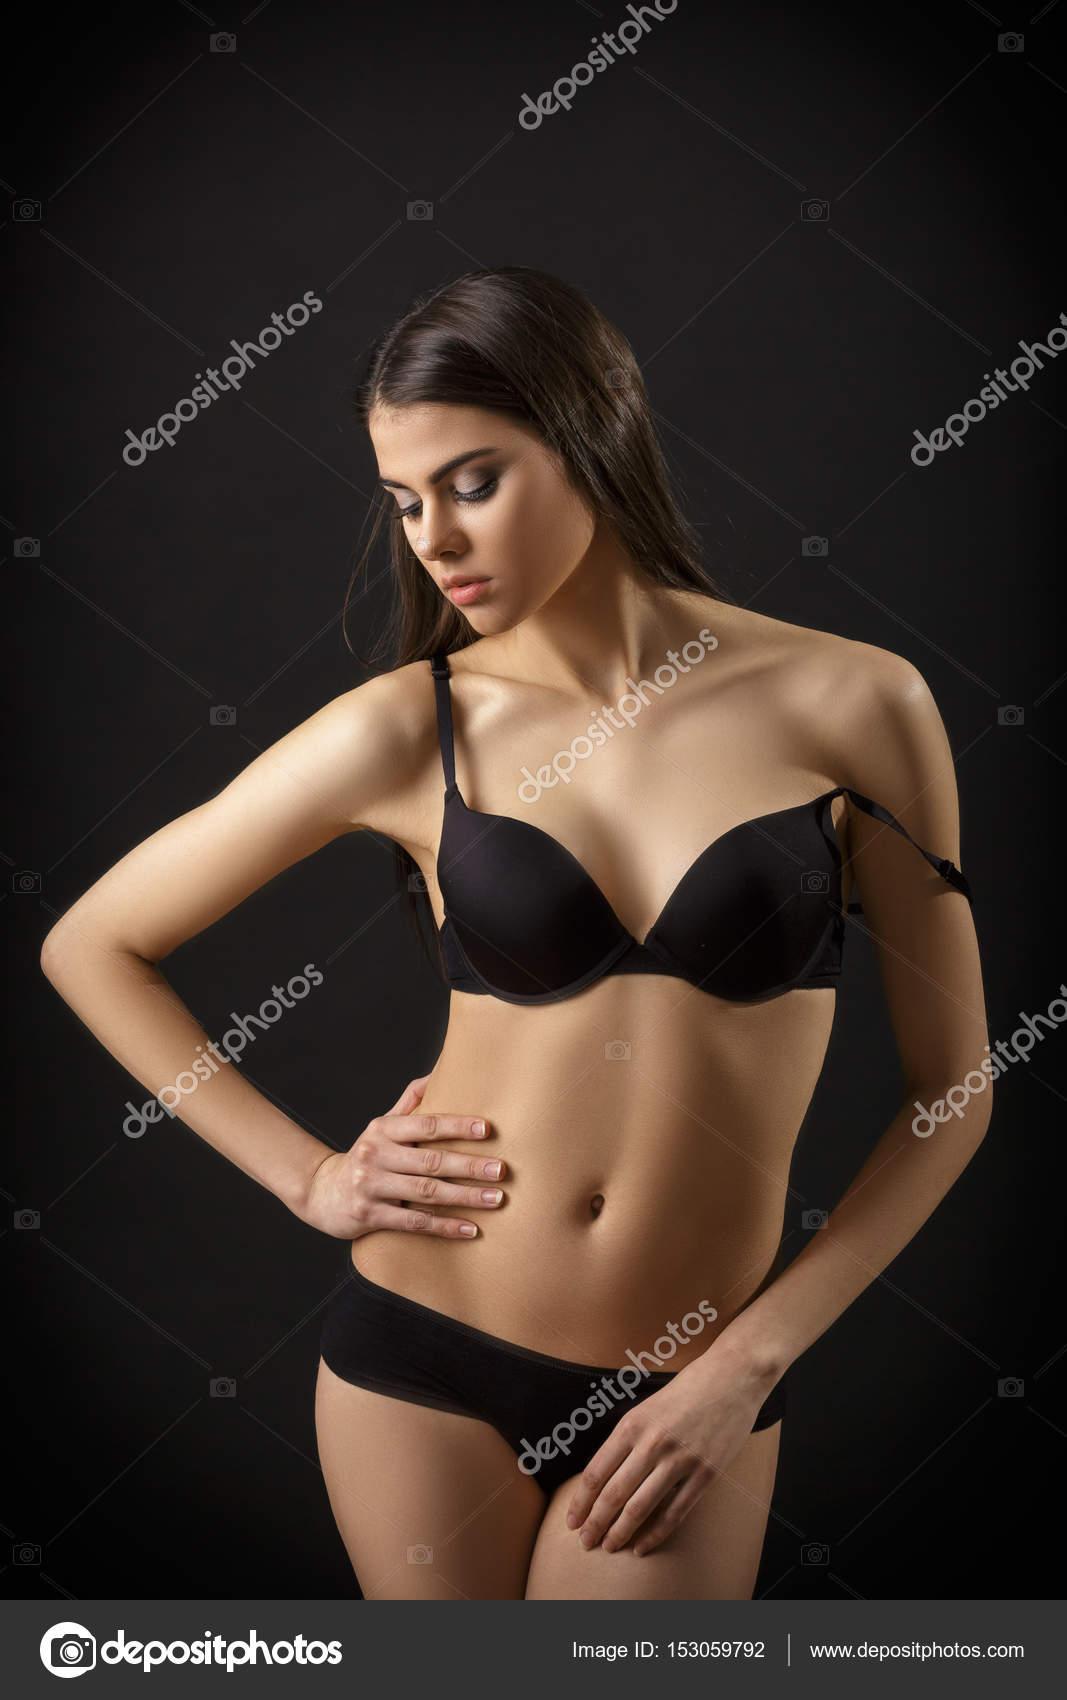 cd3377478 Bela mulher sexy morena posar em lingerie preta sobre fundo preto. Sedutor  e atraente slim